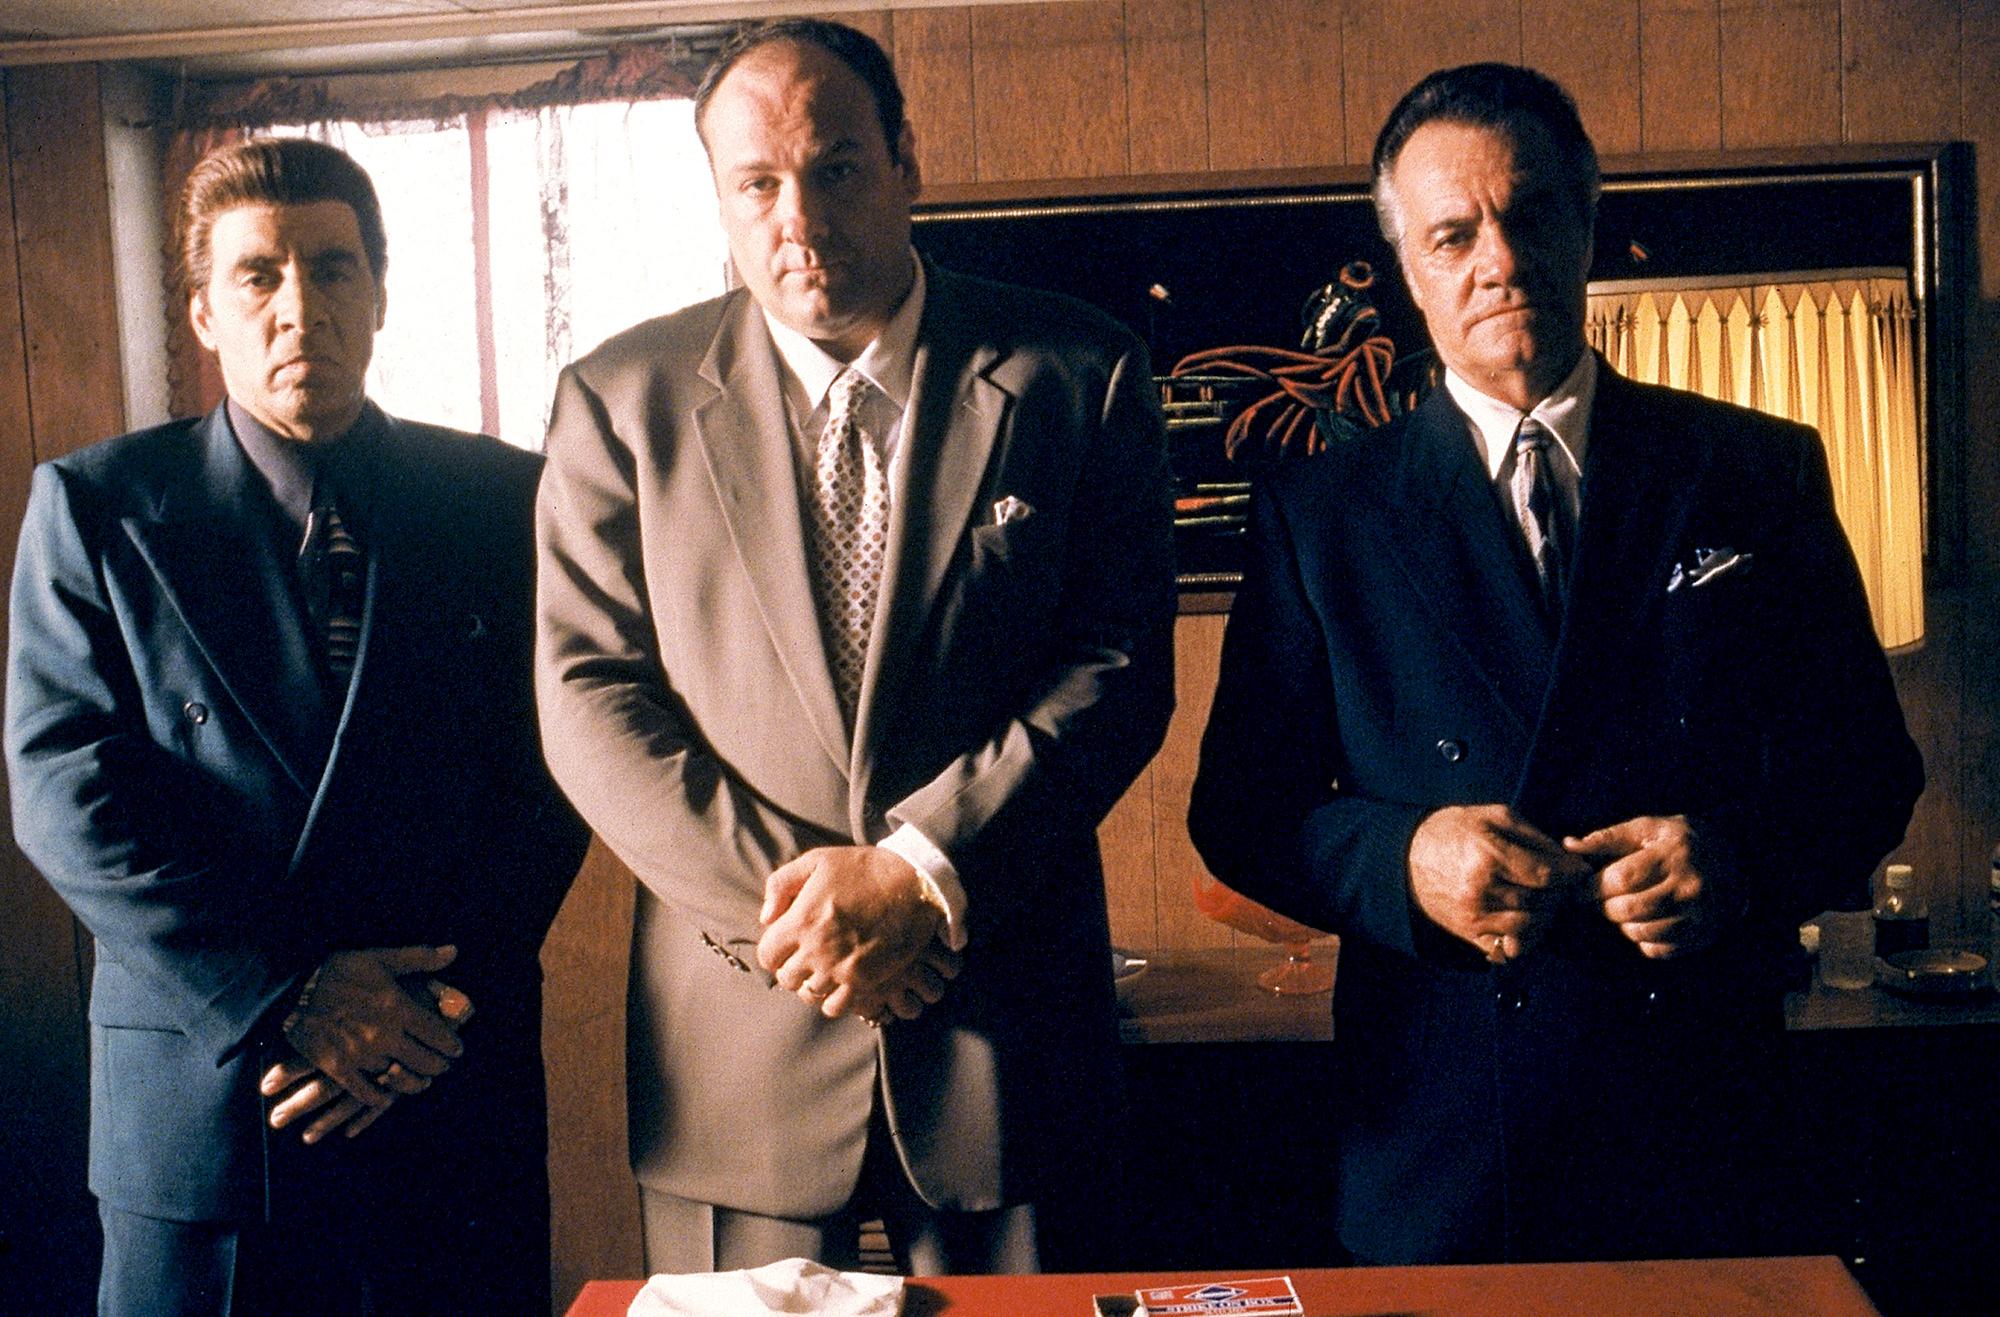 Steven-Van-Zandt-as-Silvio-Dante,-James-Gandolfini-as-Tony-Soprano-and-Tony-Sirico-as-Paulie-Walnuts